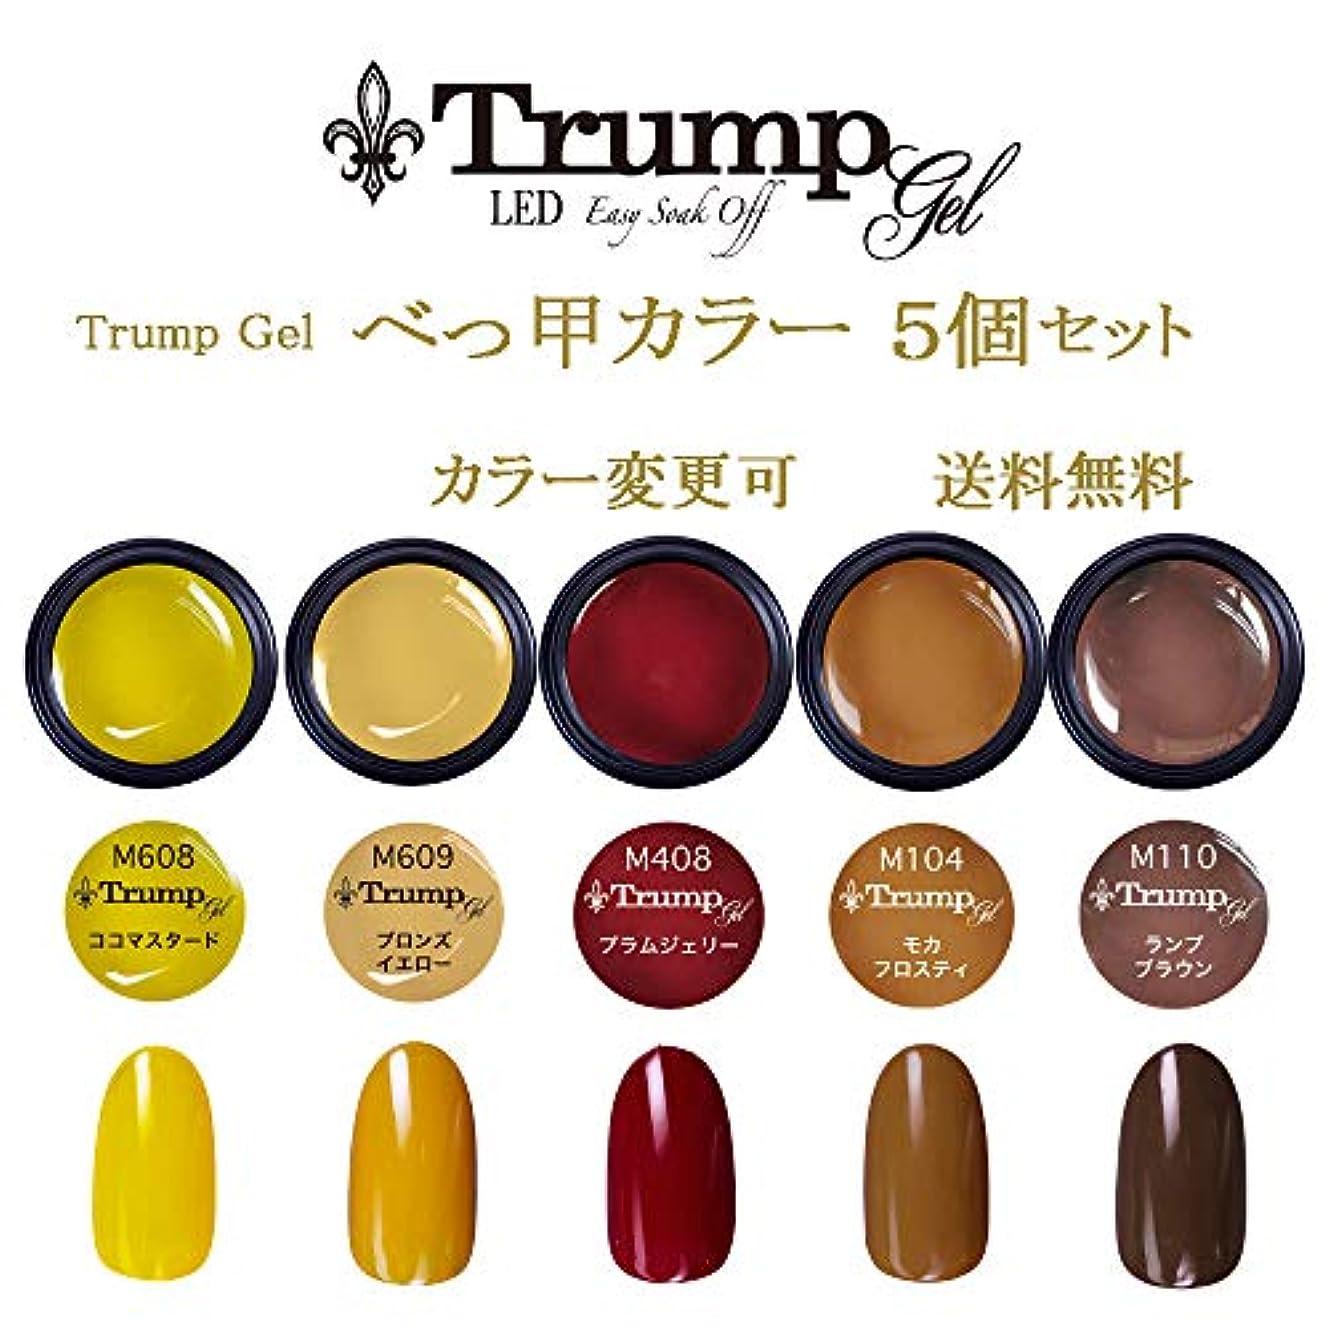 エイズスクラップ料理【送料無料】日本製 Trump gel トランプジェル べっ甲カラー ブラウン系 選べる カラージェル 5個セット べっ甲ネイル ベージュ ブラウン マスタード カラー